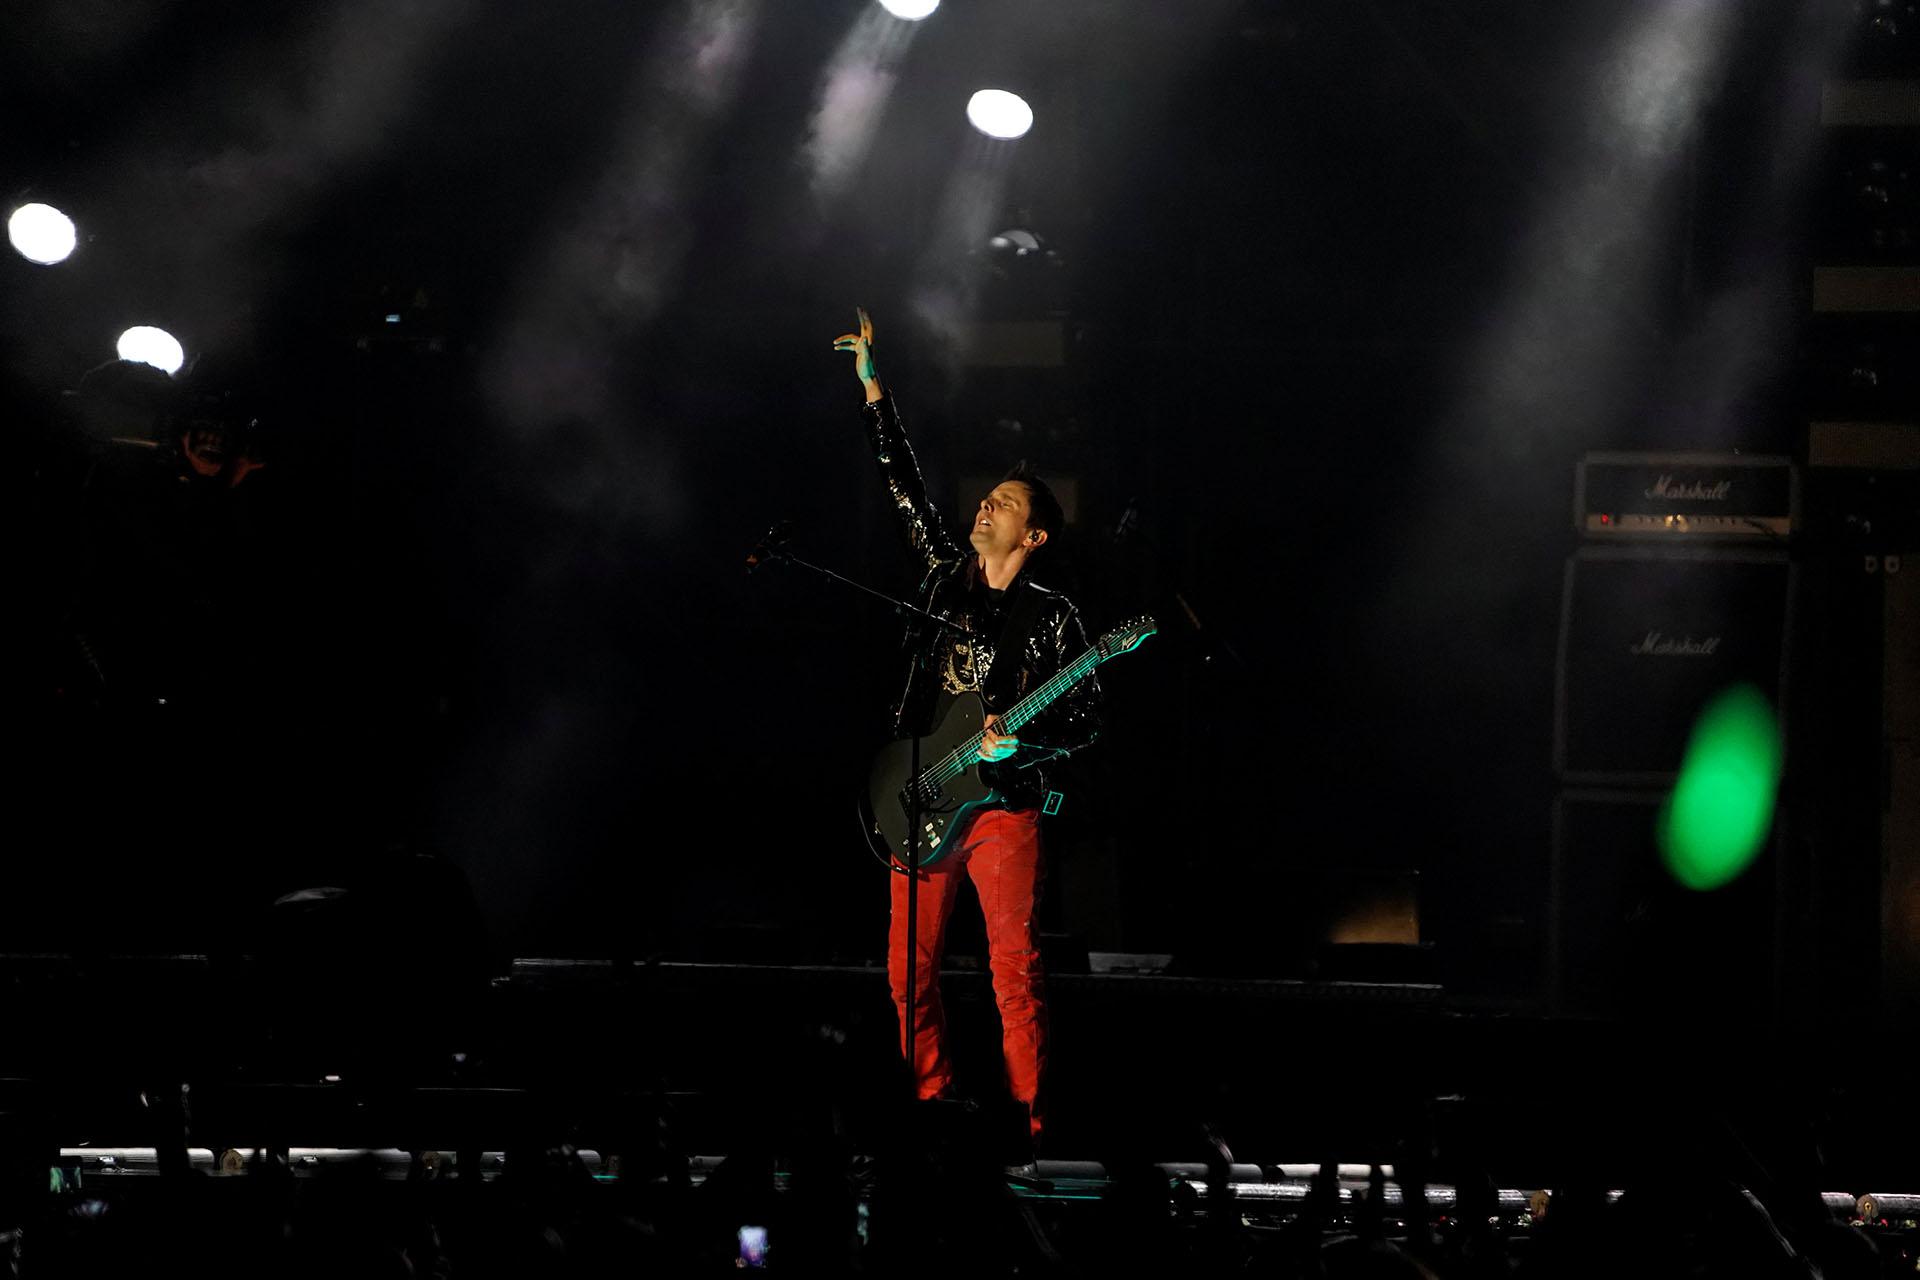 El grupo Muse protagonizó una de las más esperadas presentaciones de la noche